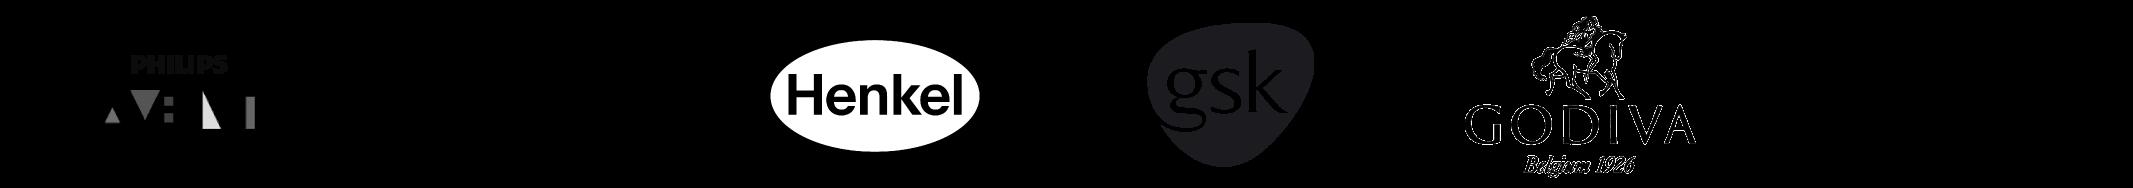 logos2-71.png